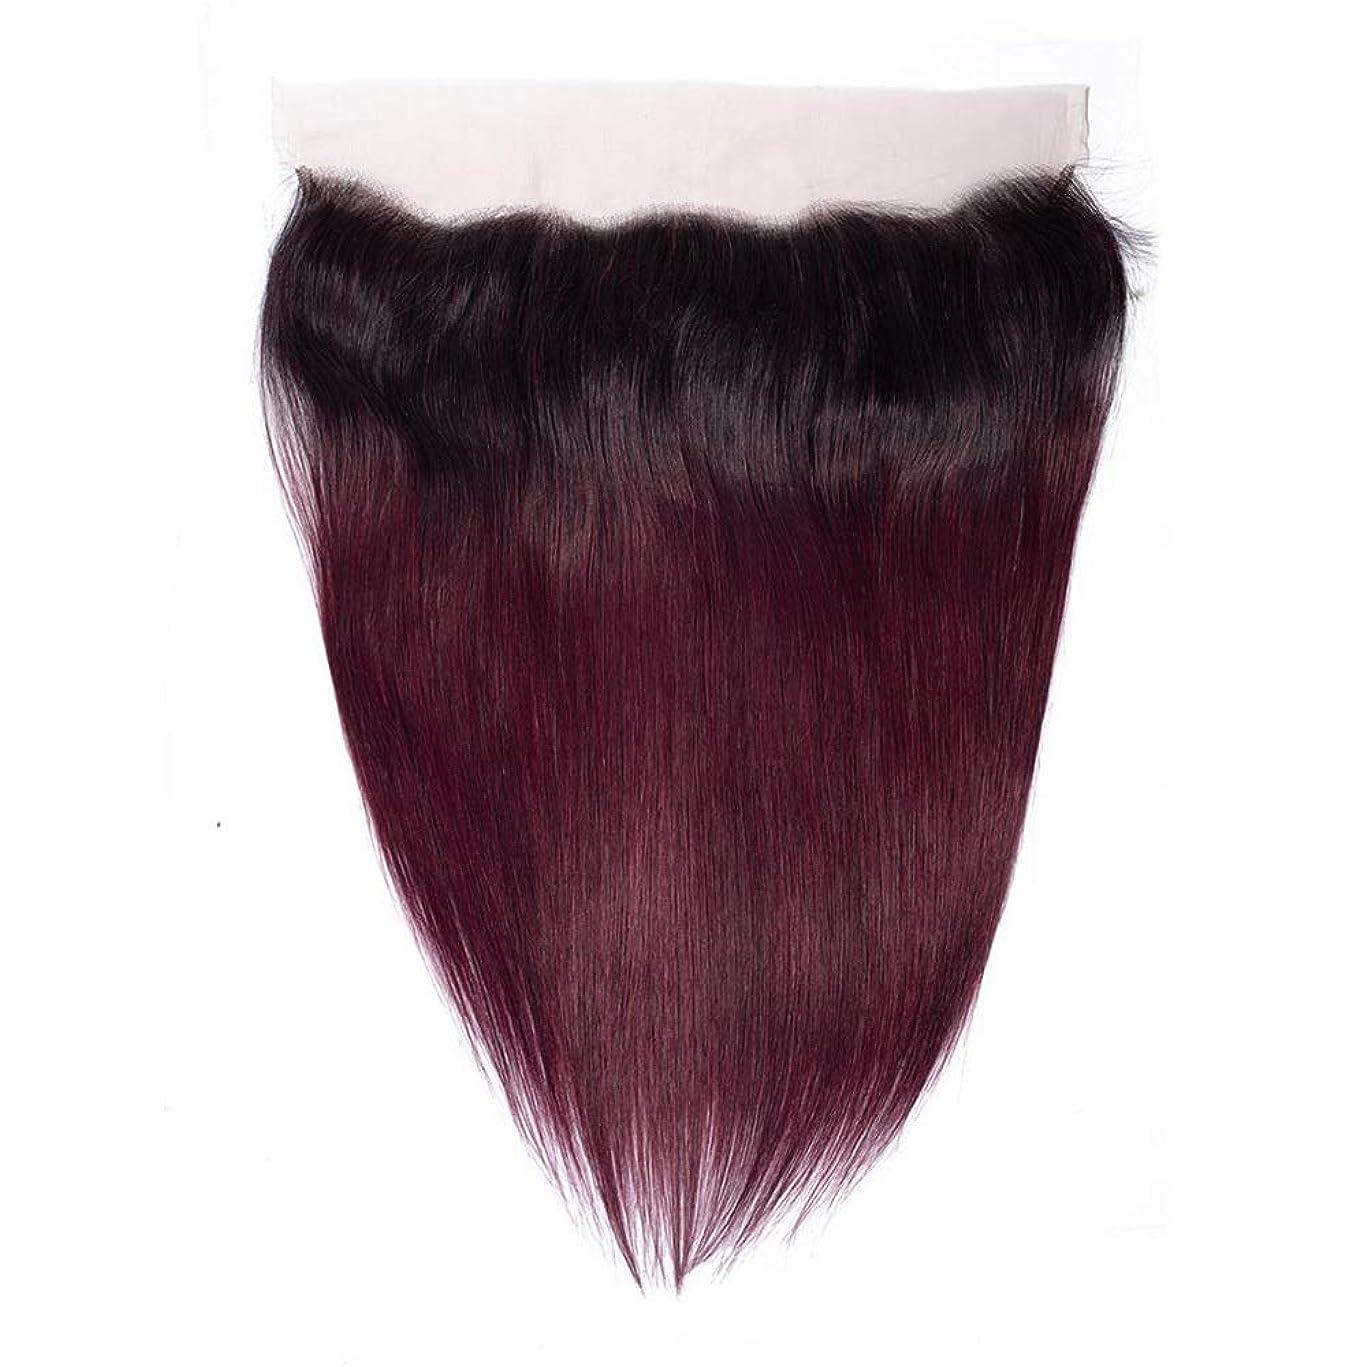 先住民不快インフルエンザYrattary 13×4ディープフリーパートストレートレース閉鎖ブラジル人間の髪の毛の閉鎖1B / 99J 2トーンナチュラル探して短いかつらかつら (色 : ワインレッド, サイズ : 18 inch)